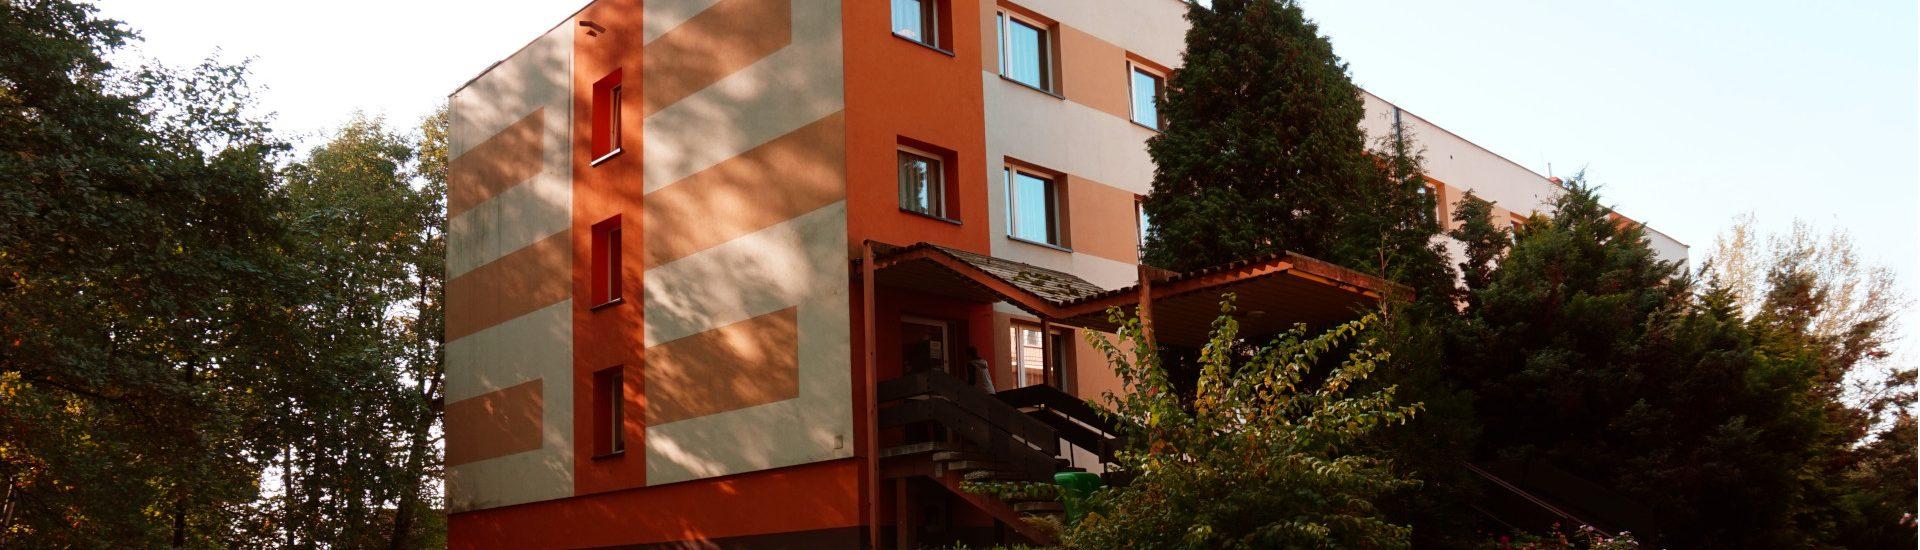 Sanatorium Limba